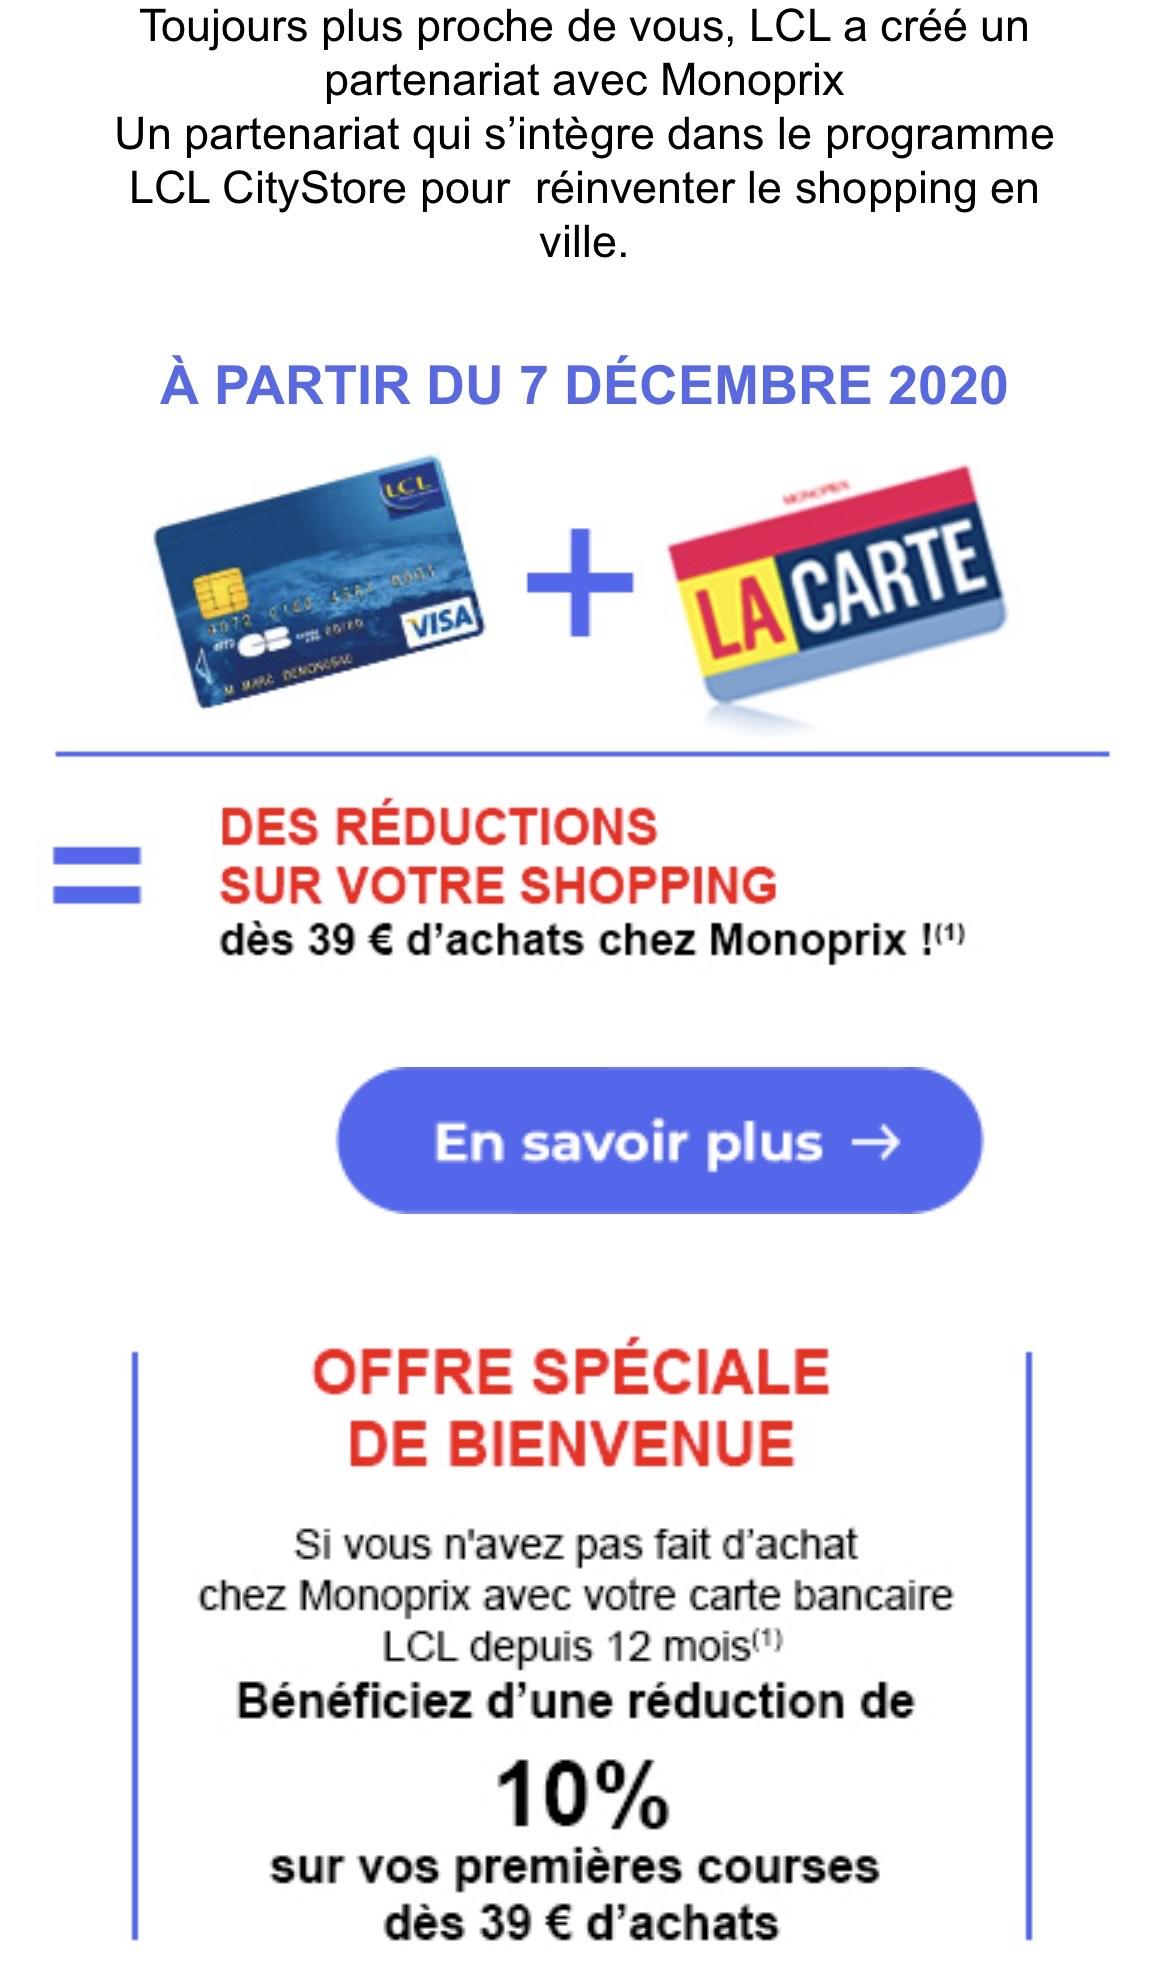 [Carte Bancaire LCL] 10% de réduction sur vos premières courses dès 39€ d'achat